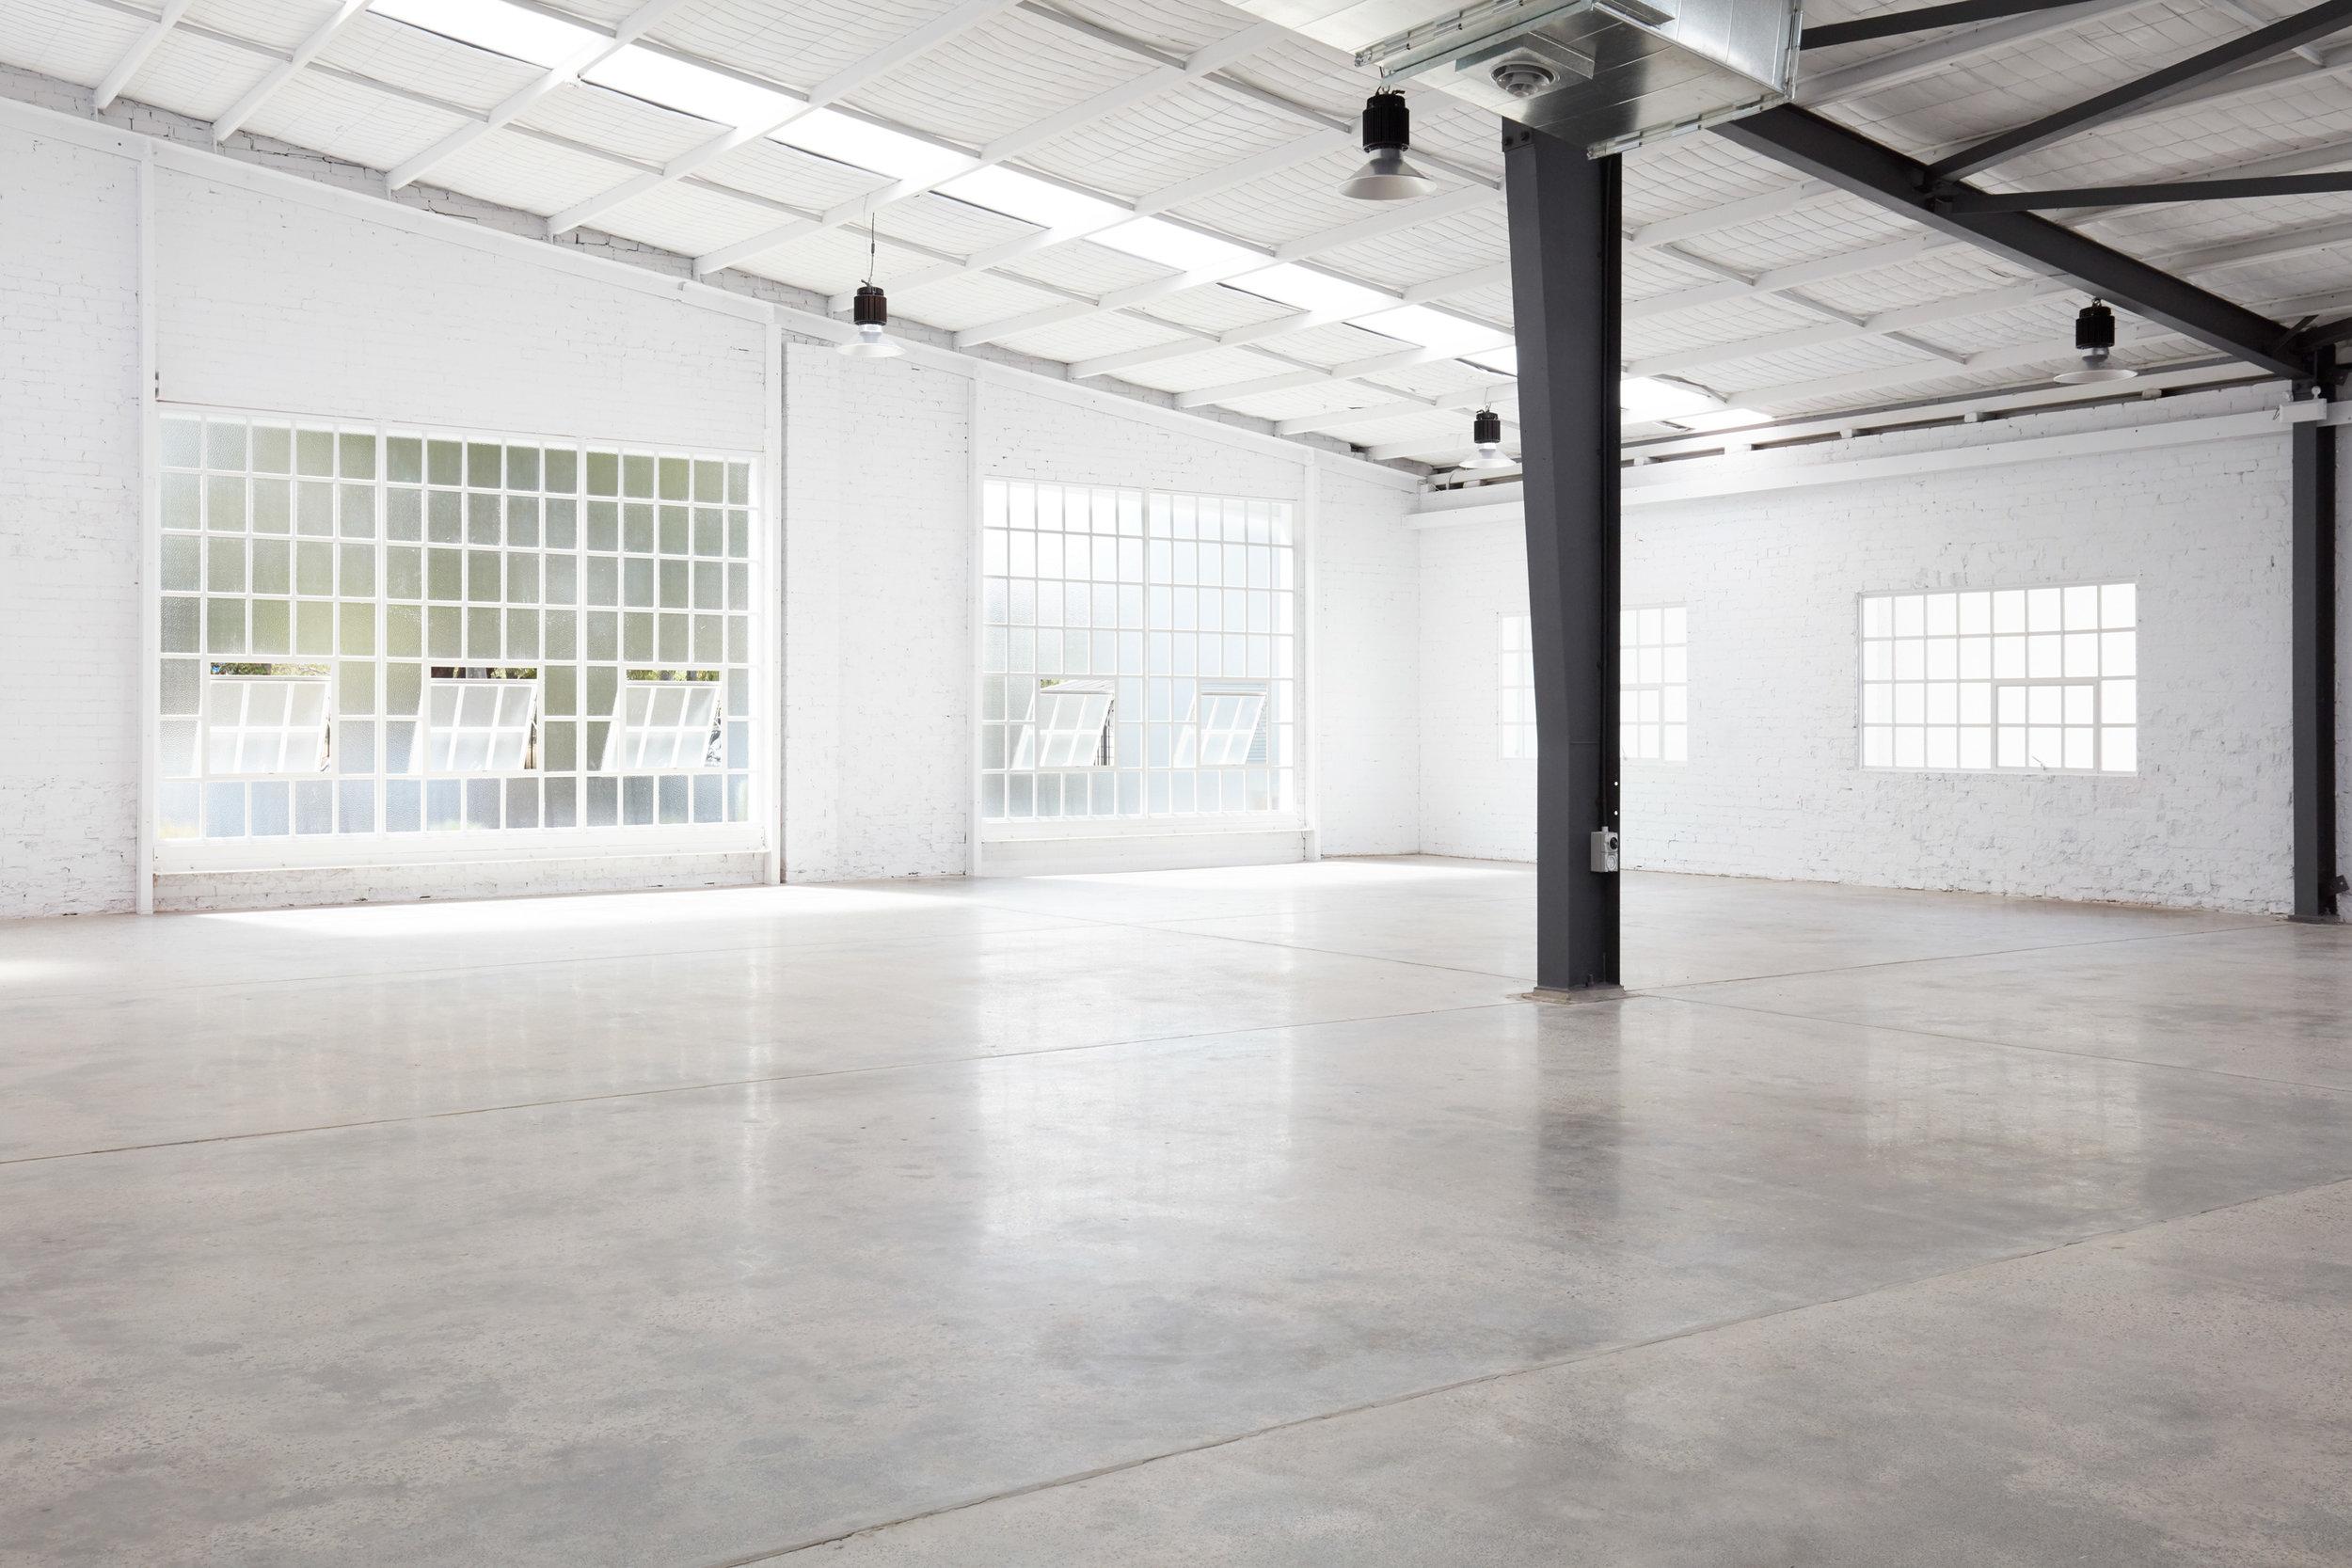 Baker-Street-Studios-Home-Studio-01.jpg